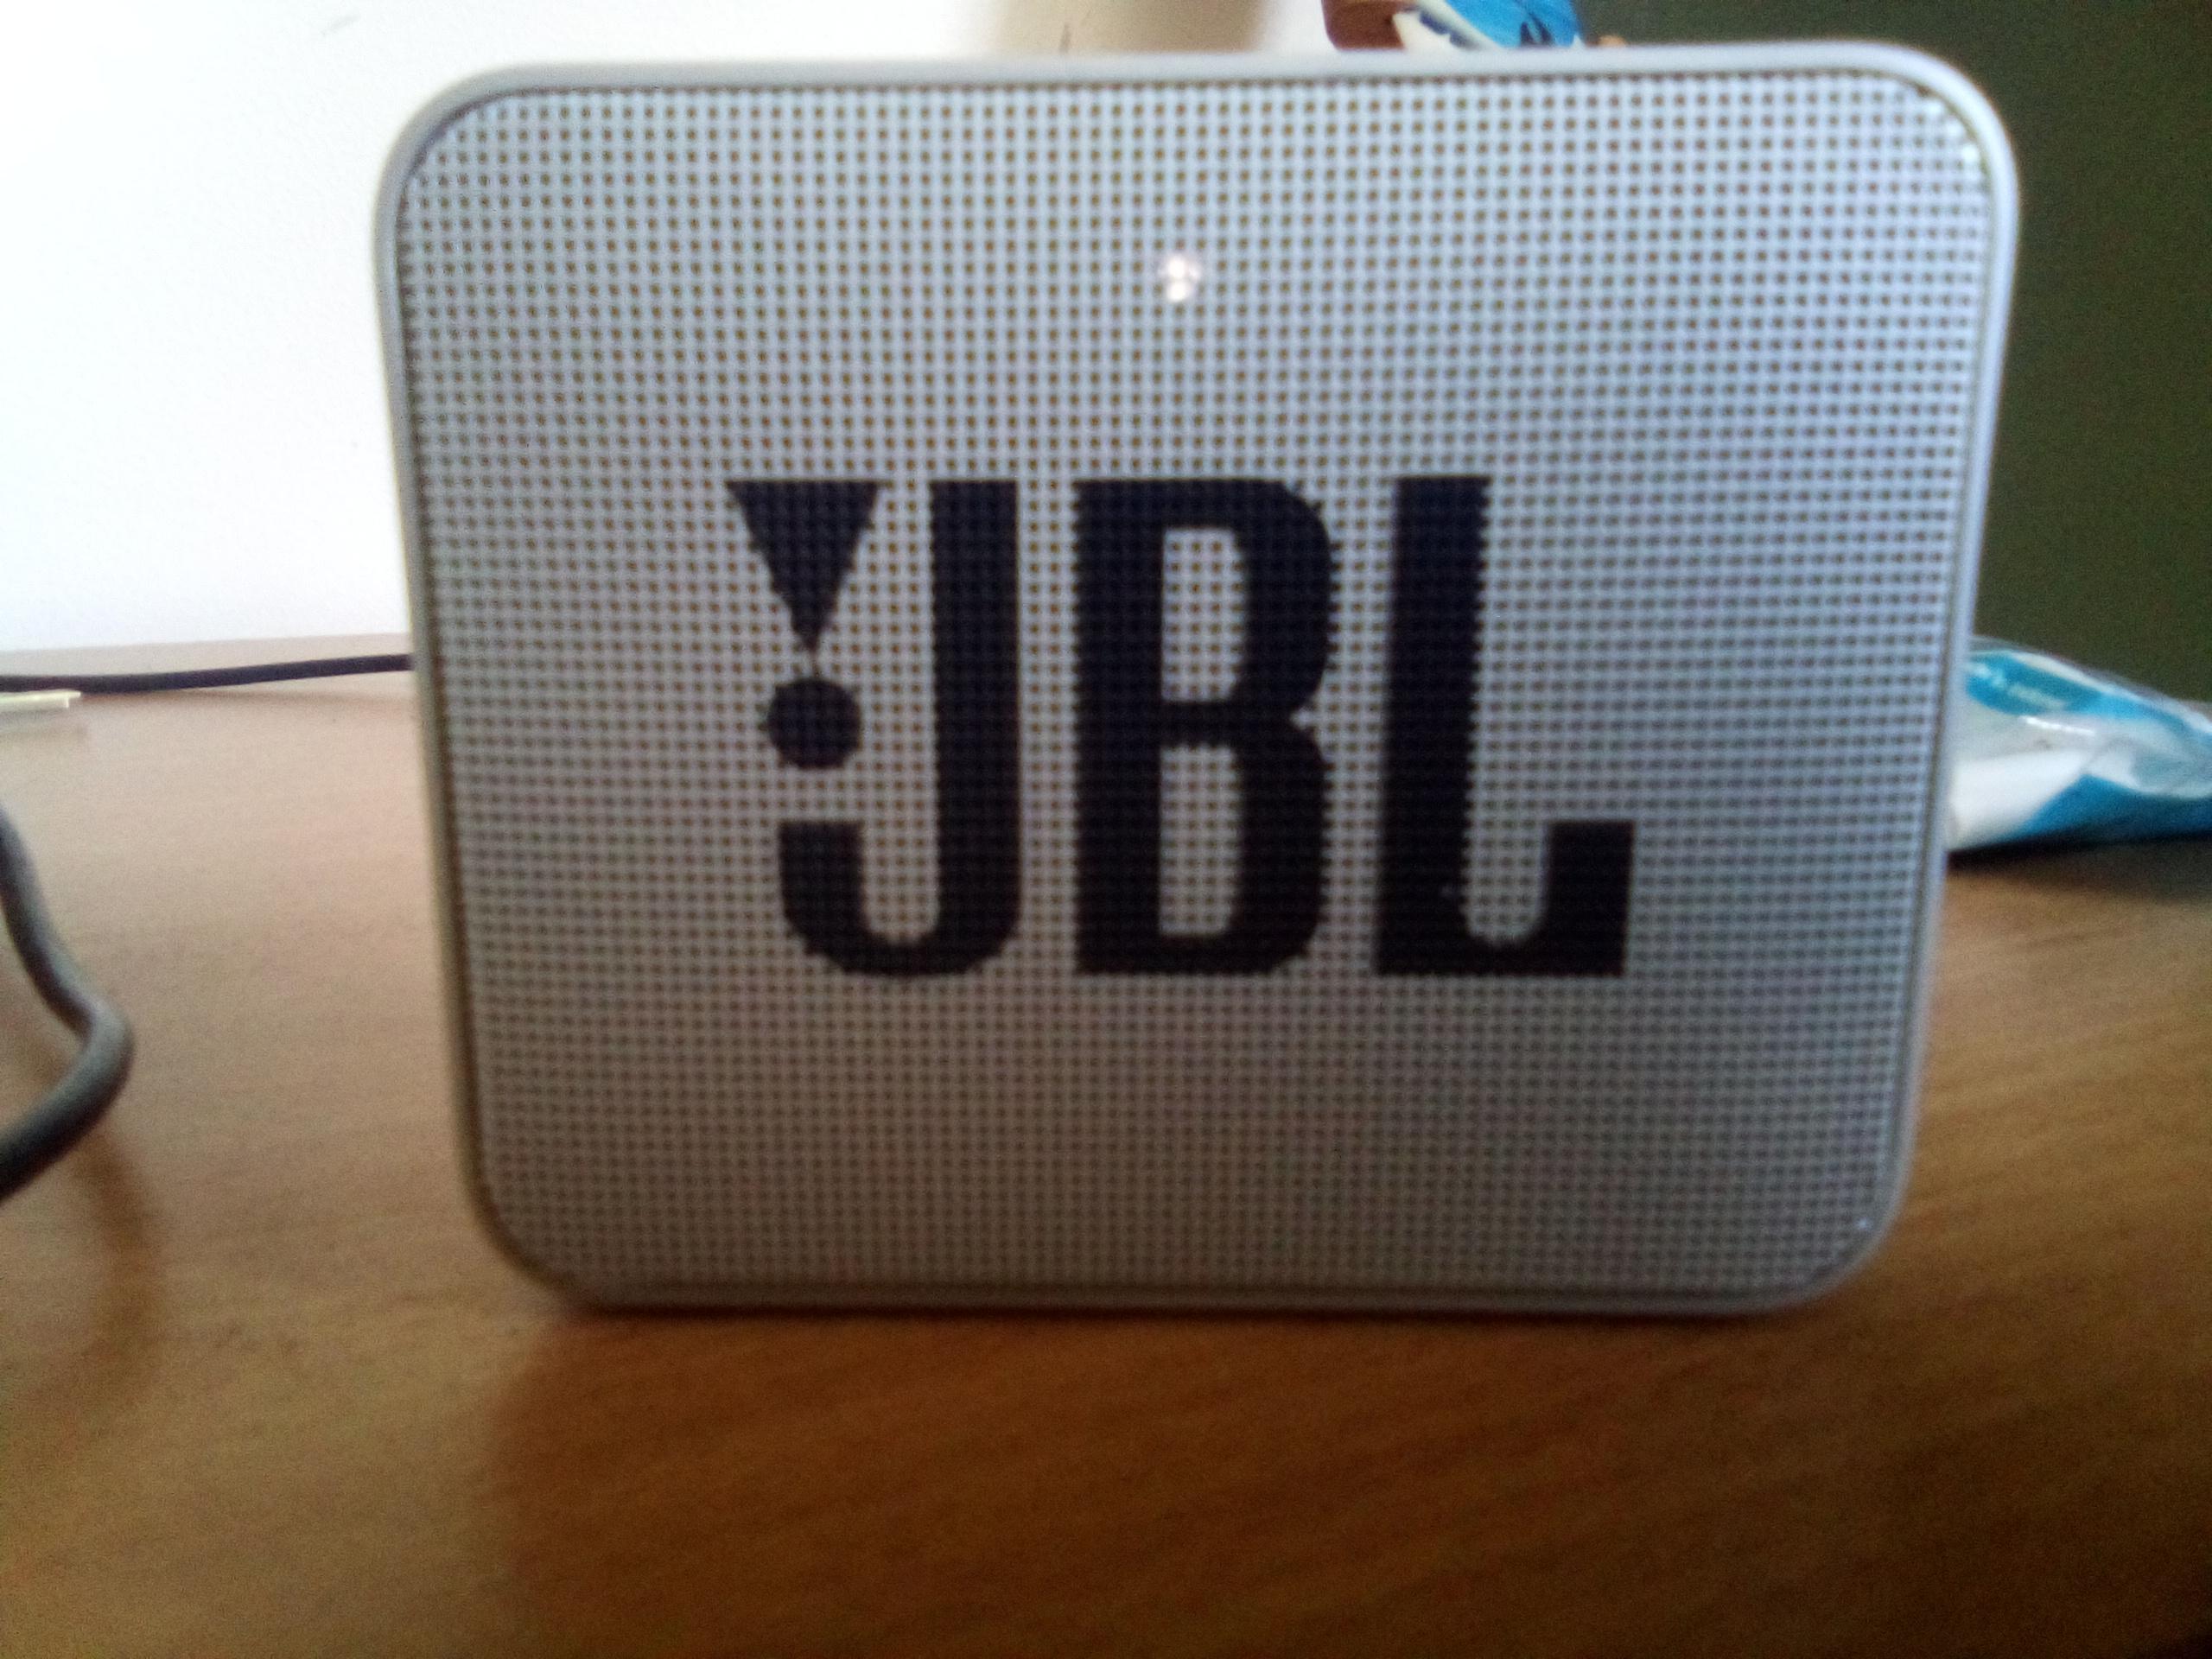 JBL Bluetooth speaker go2j model